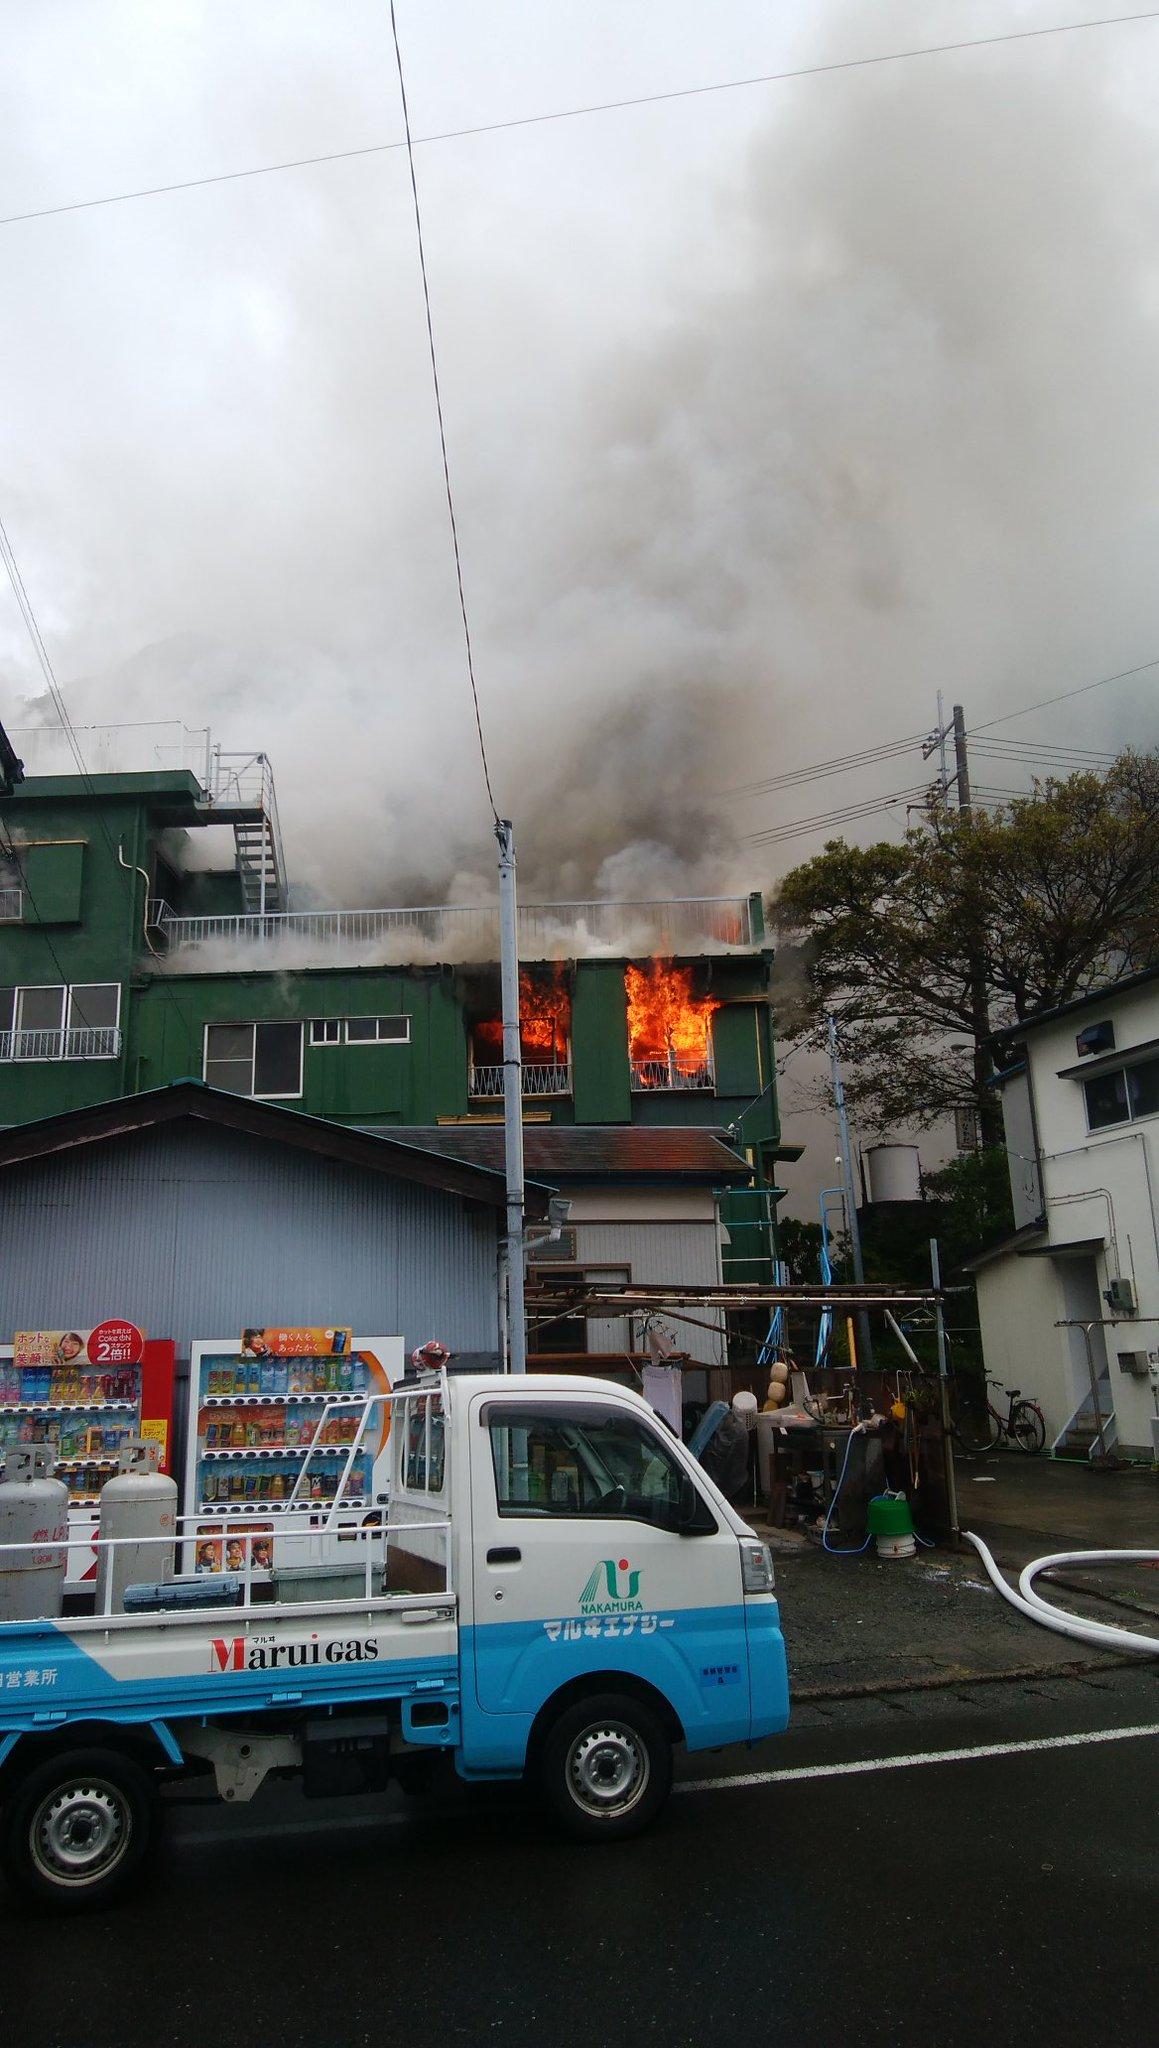 画像,火の勢い衰えず 🔥#火事 https://t.co/kvykhvAF5a。